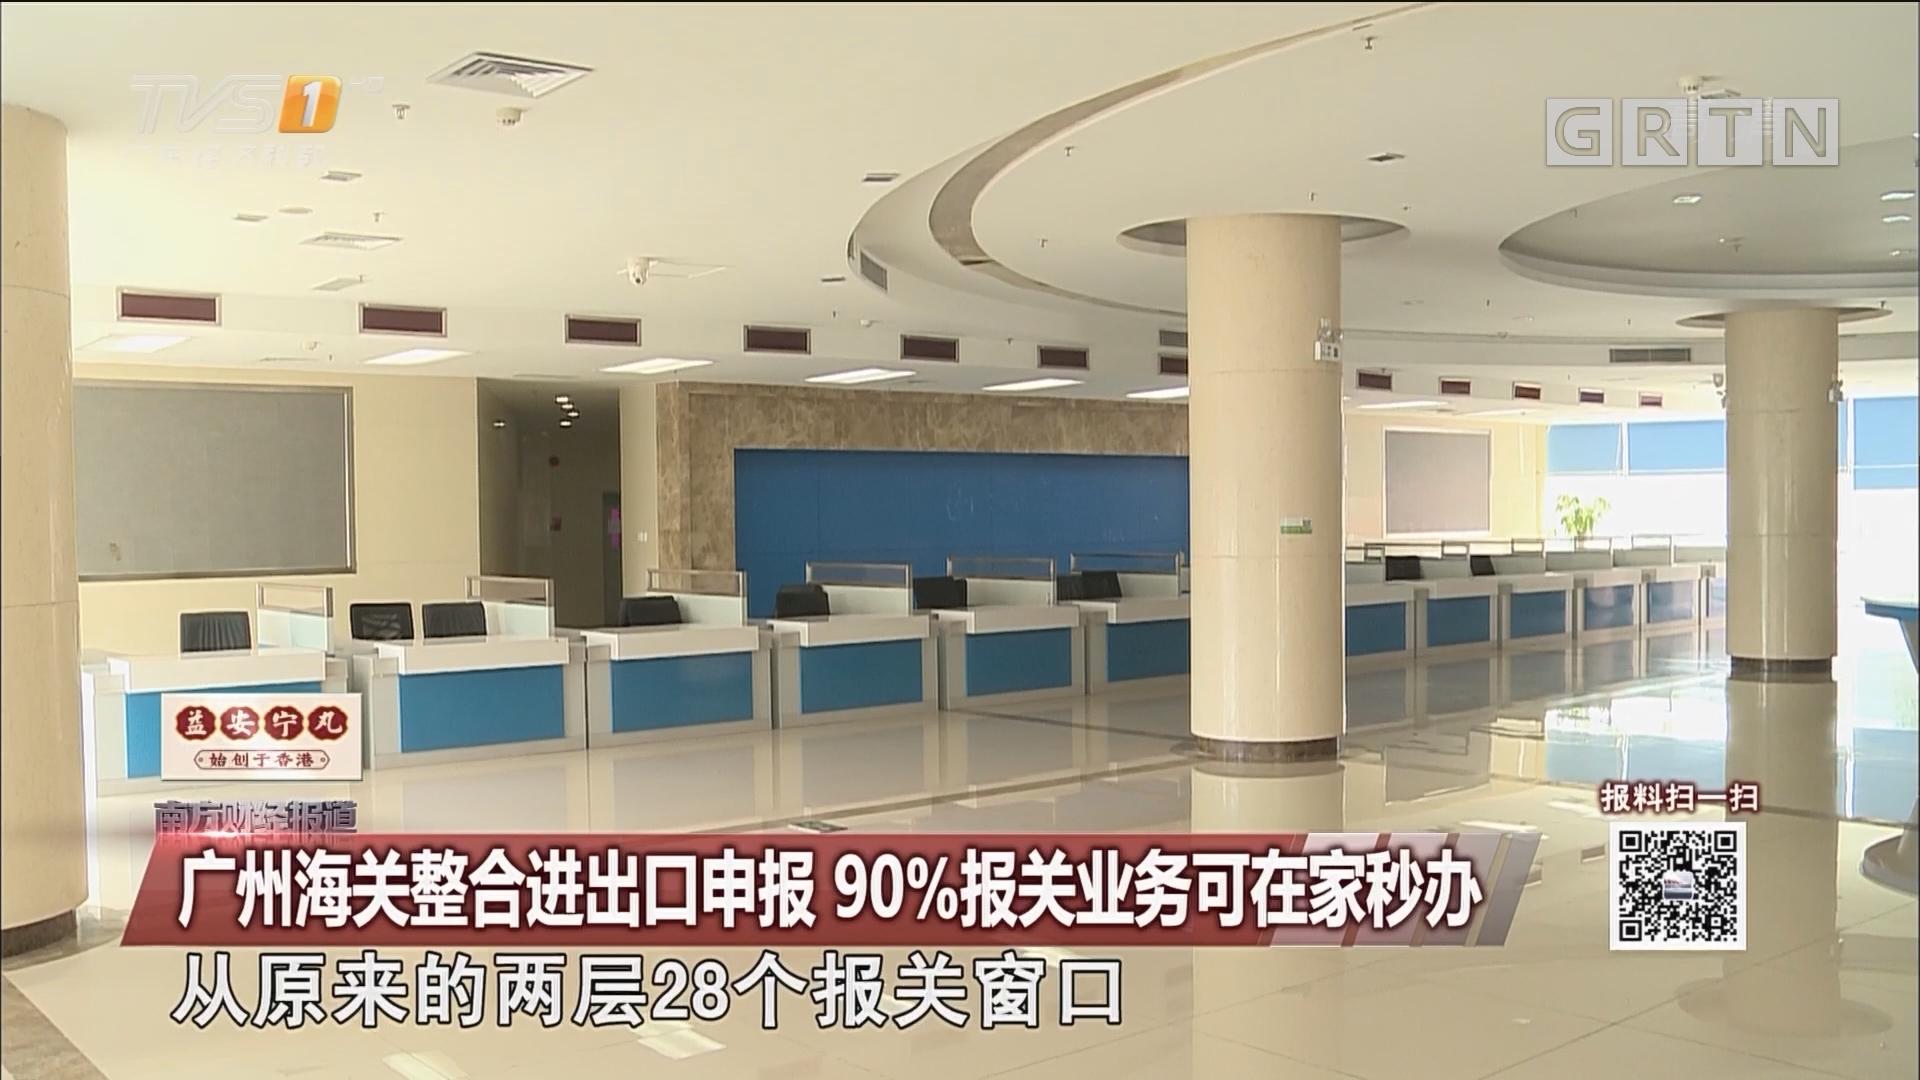 广州海关整合进出口申报 90%报关业务可在家秒办